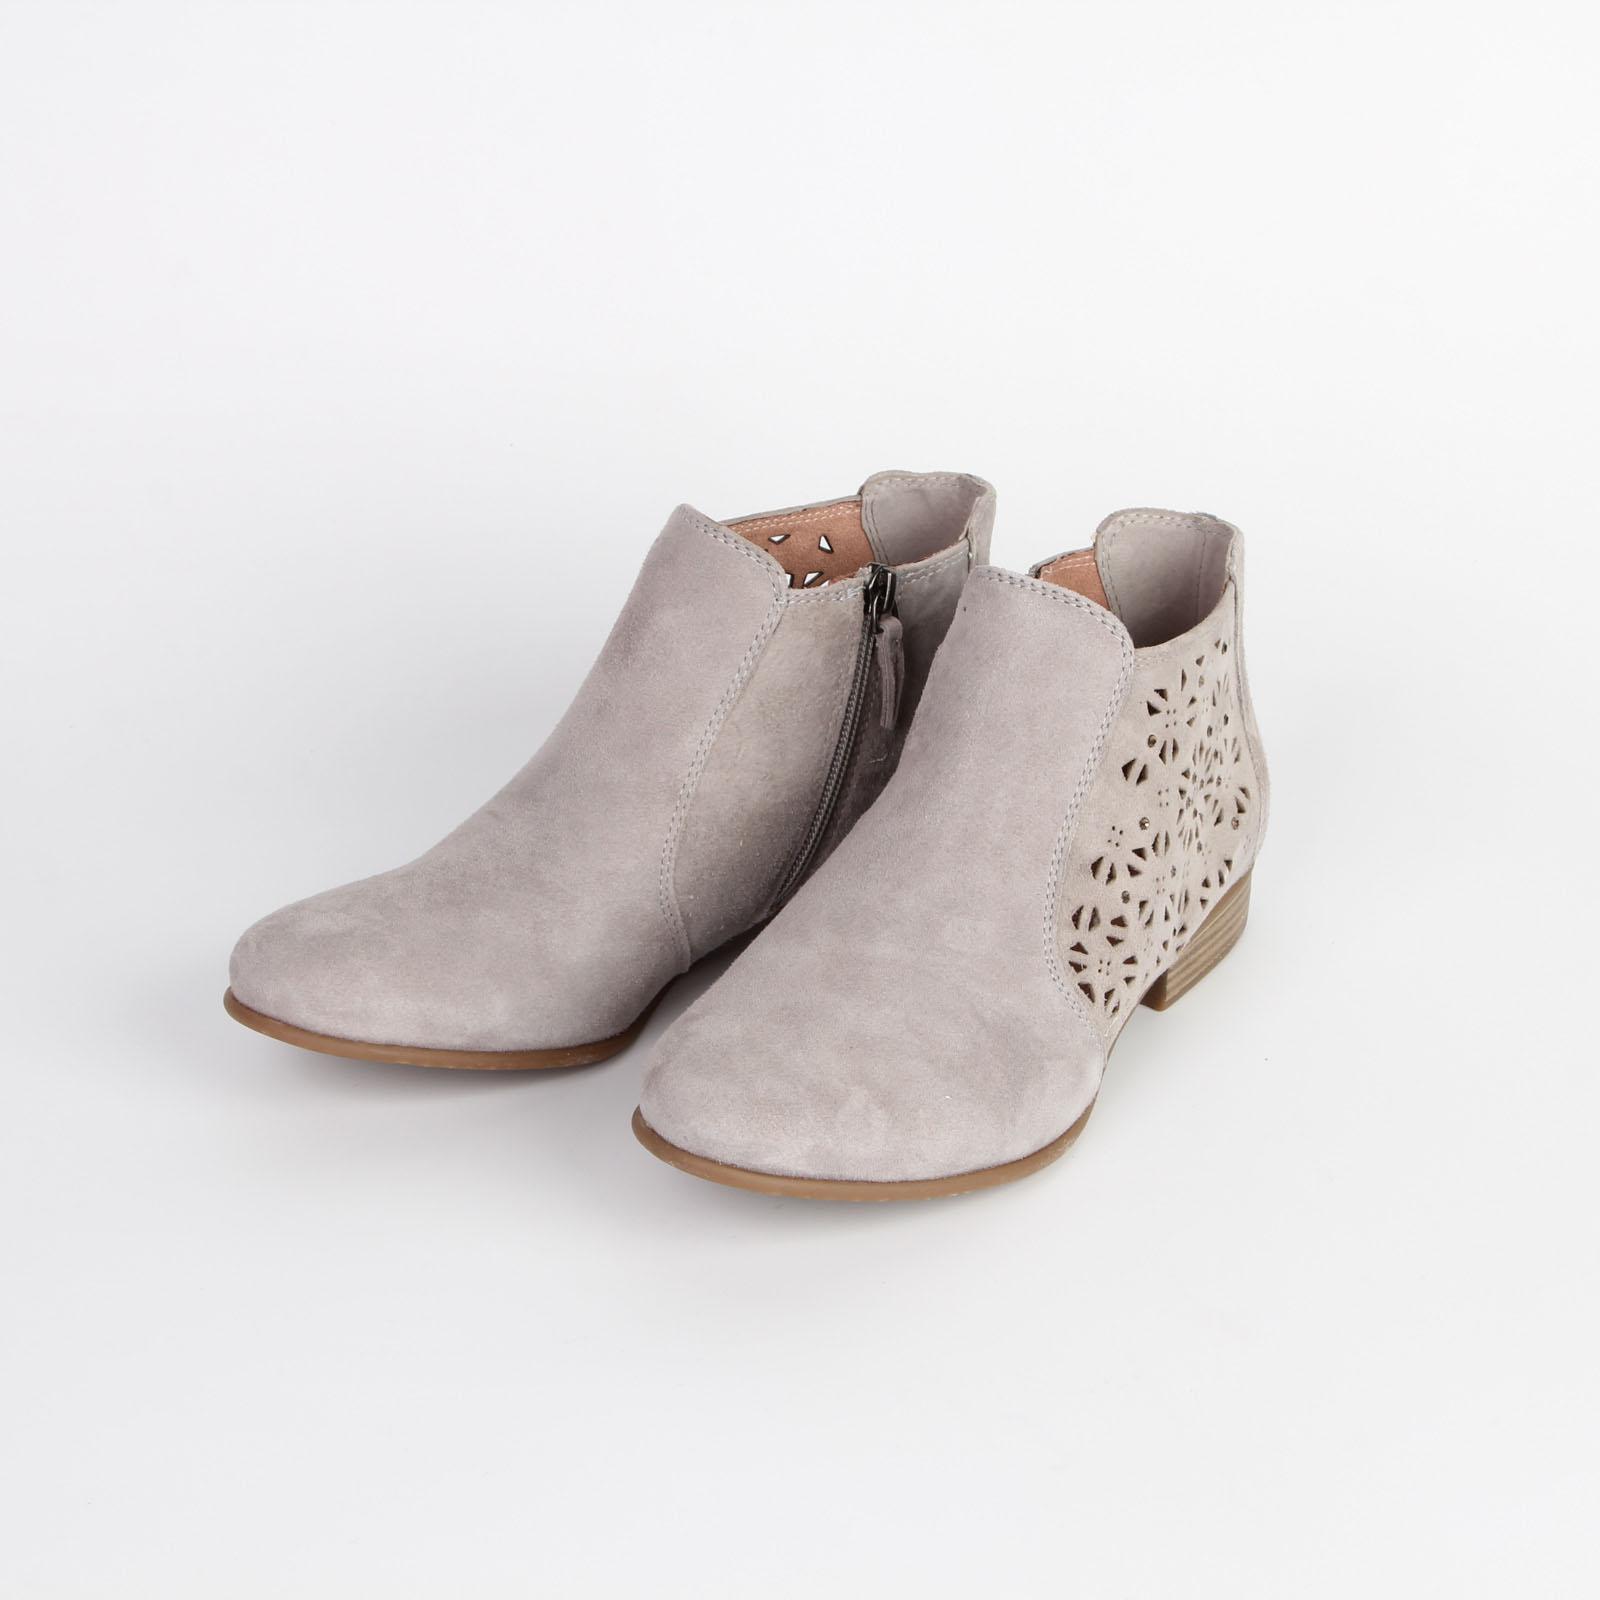 Ботинки женские из натуральной кожи с фигурной перфорацией